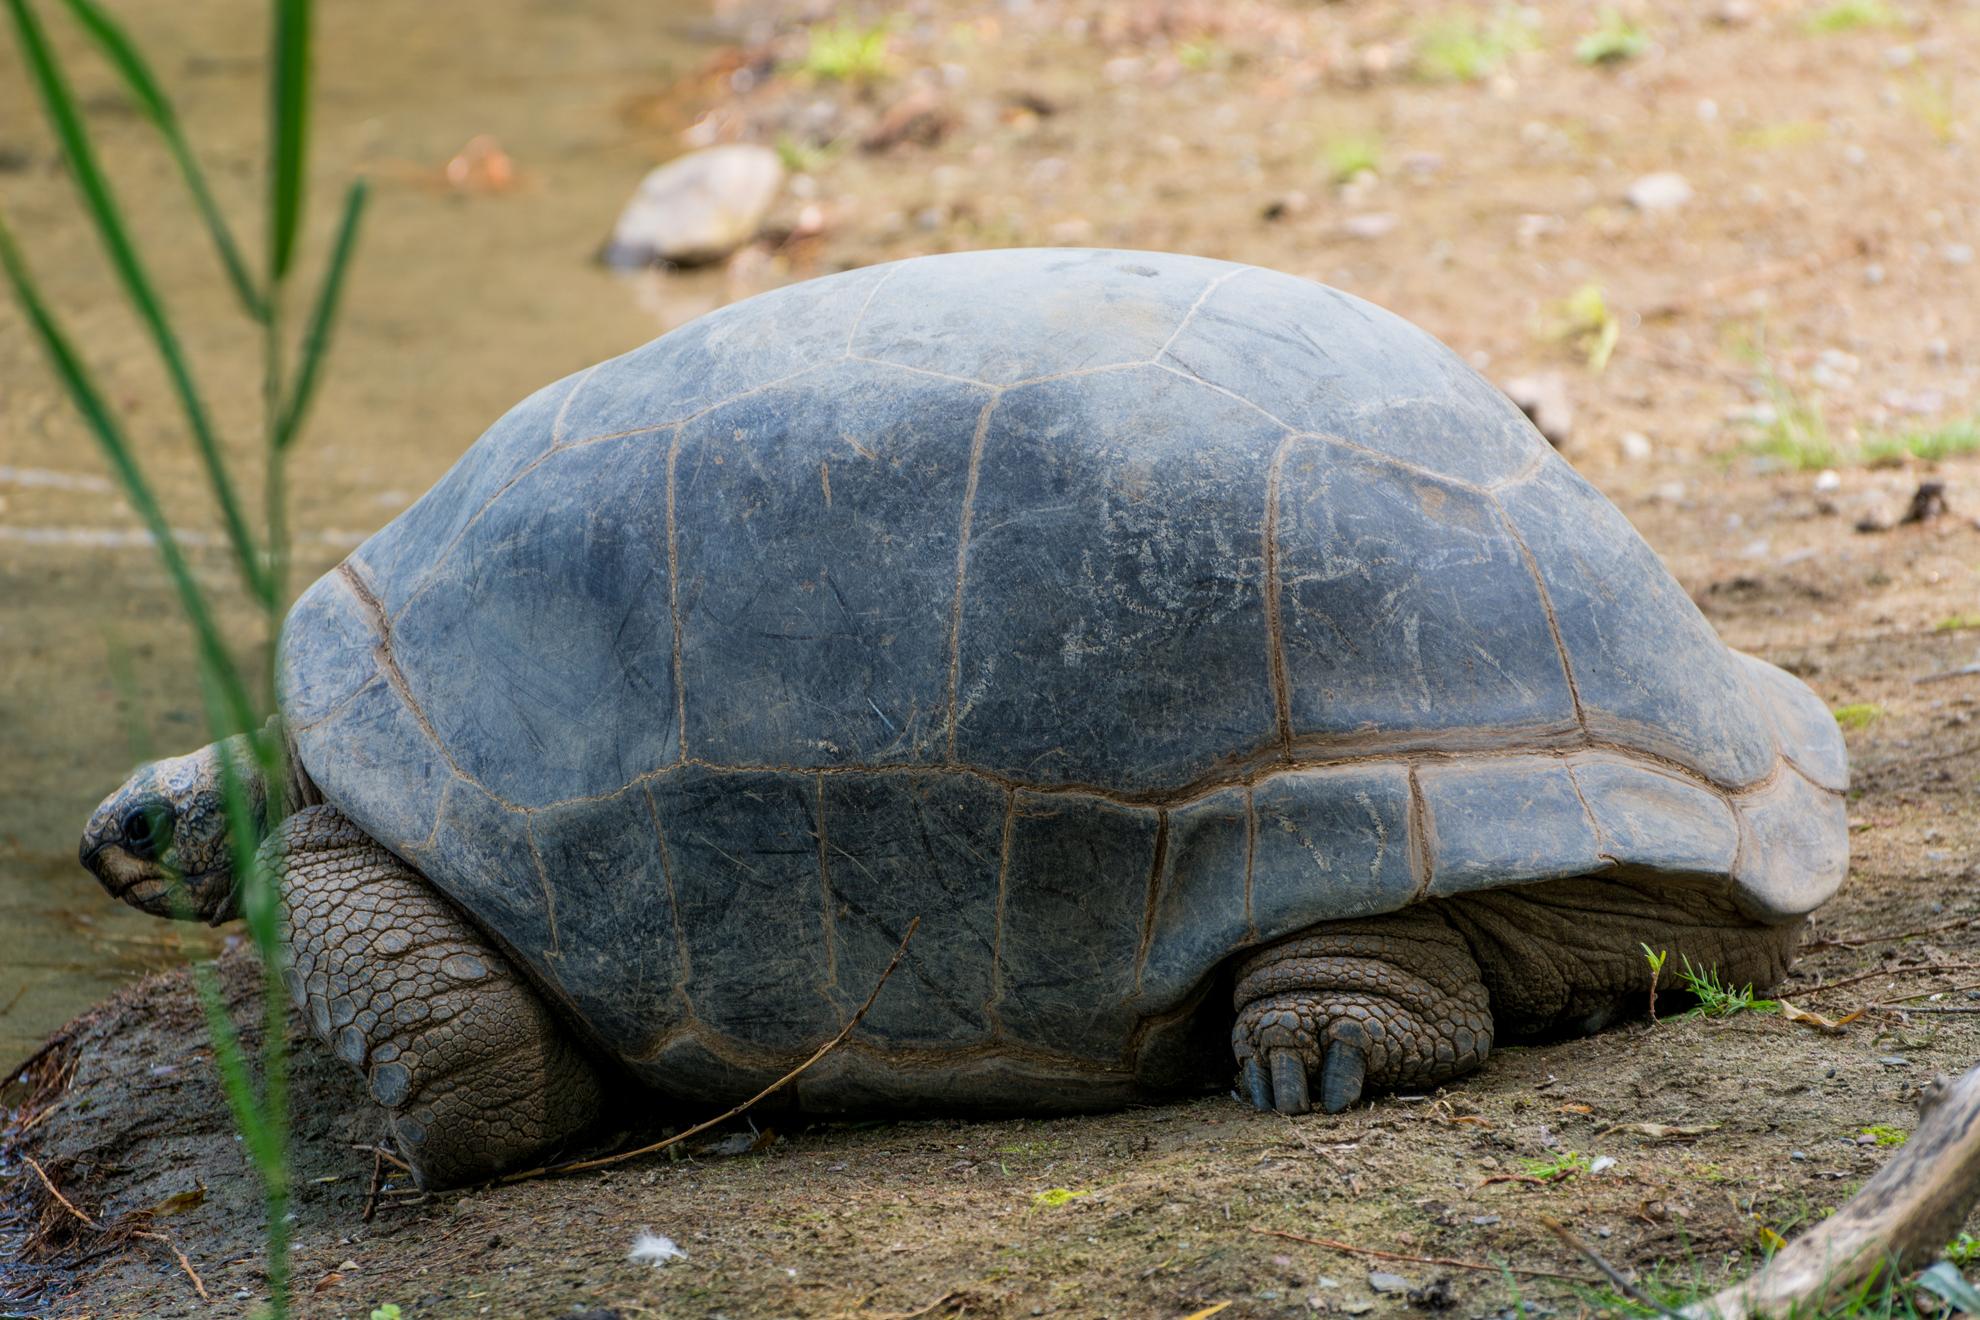 Full grown aldabra tortoise